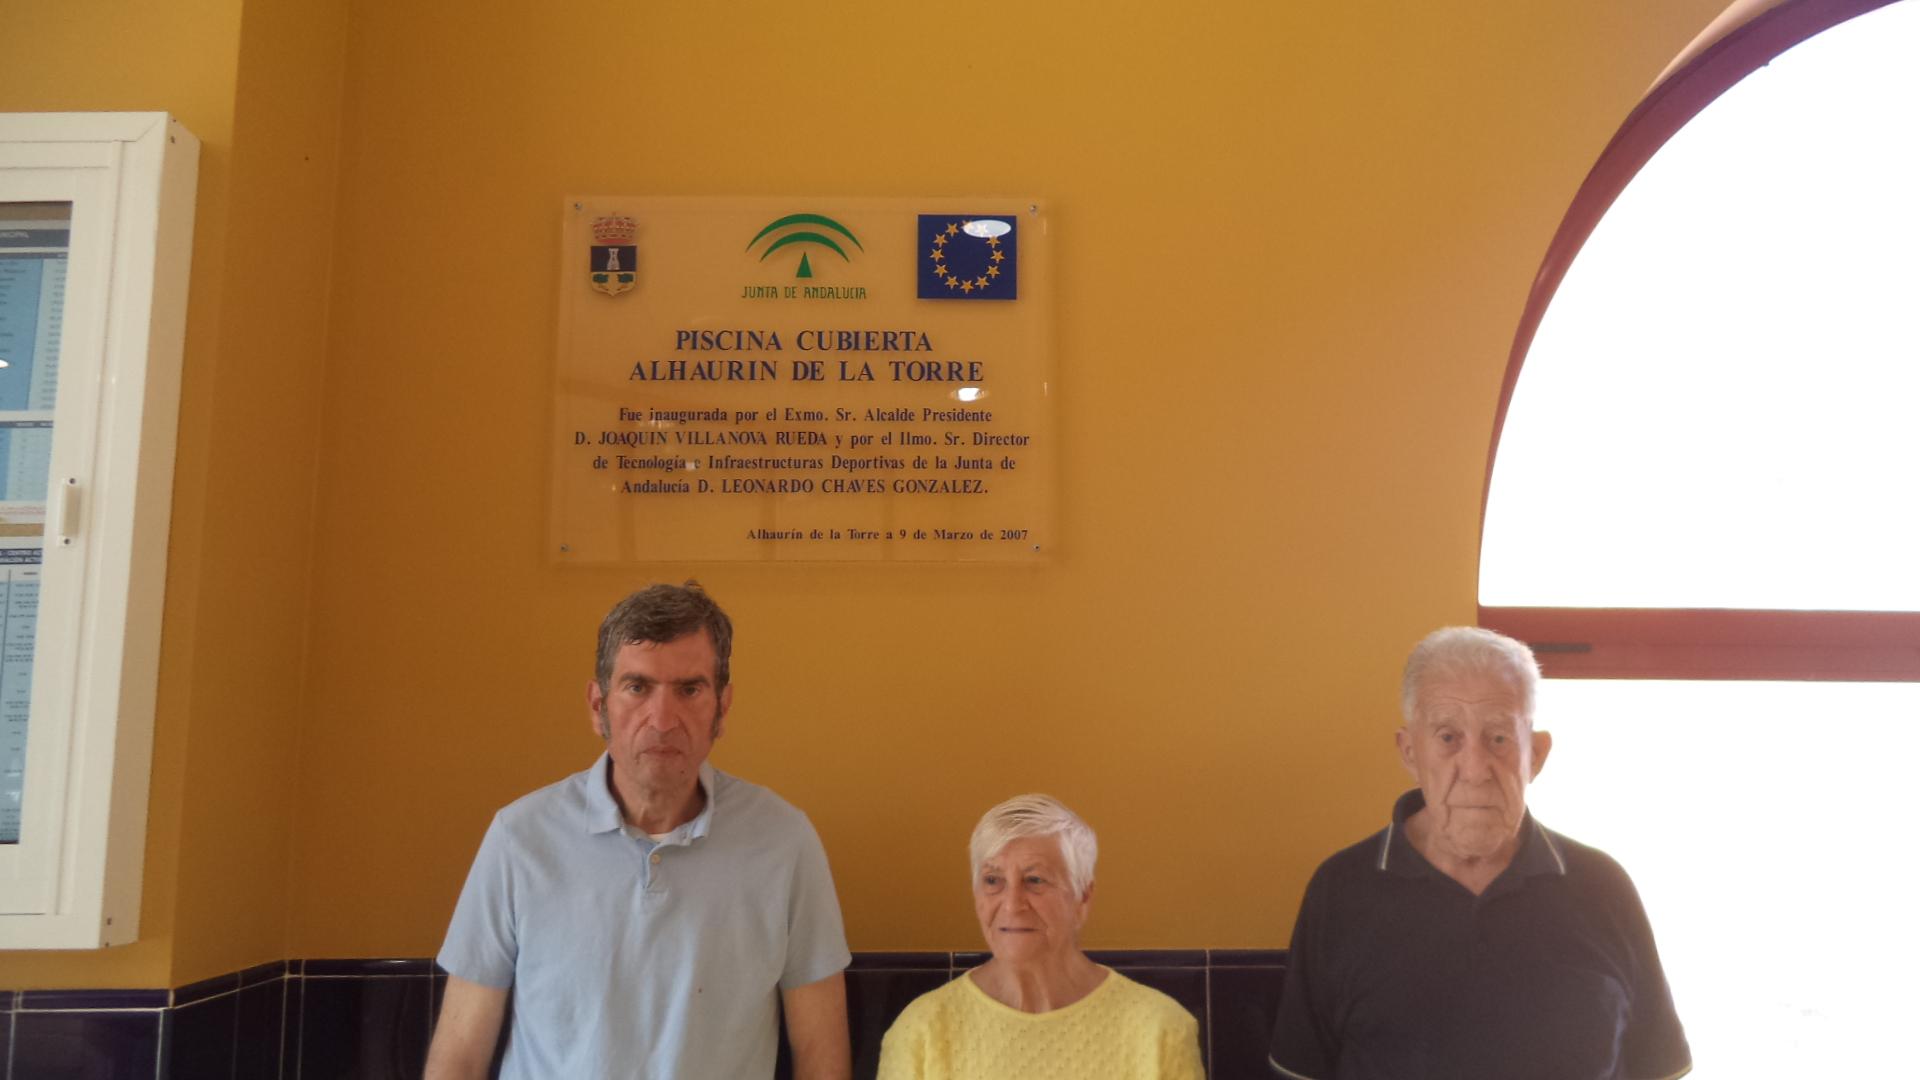 Alhaurin de la Torre y Domusvi Fuentesol